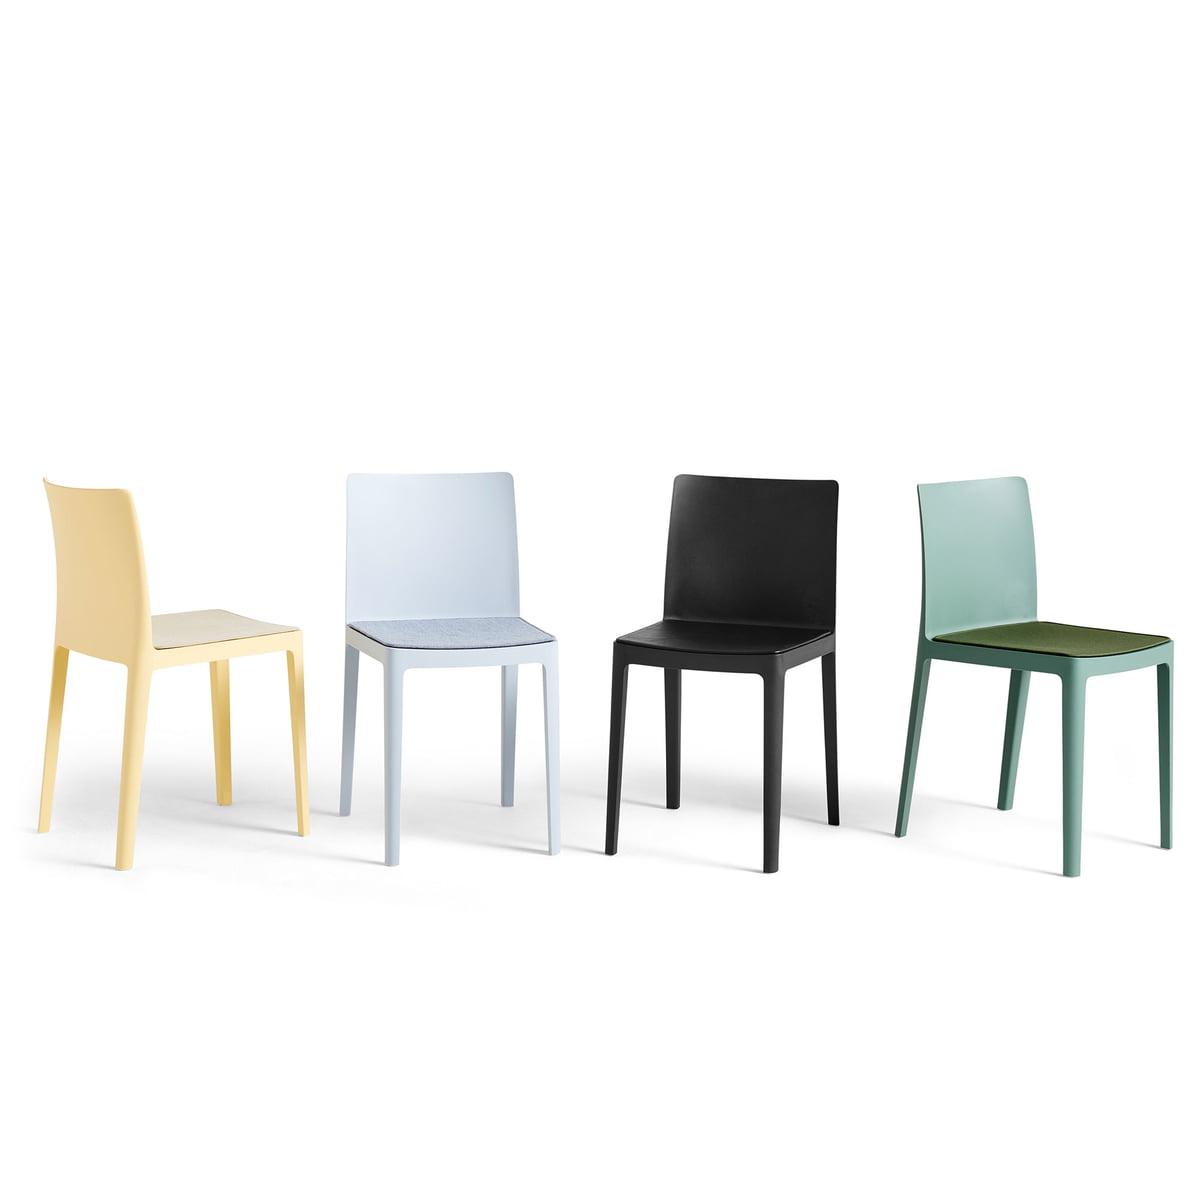 Hay Sædepude til élémentaire chair, antracit (steelcut trio 383)